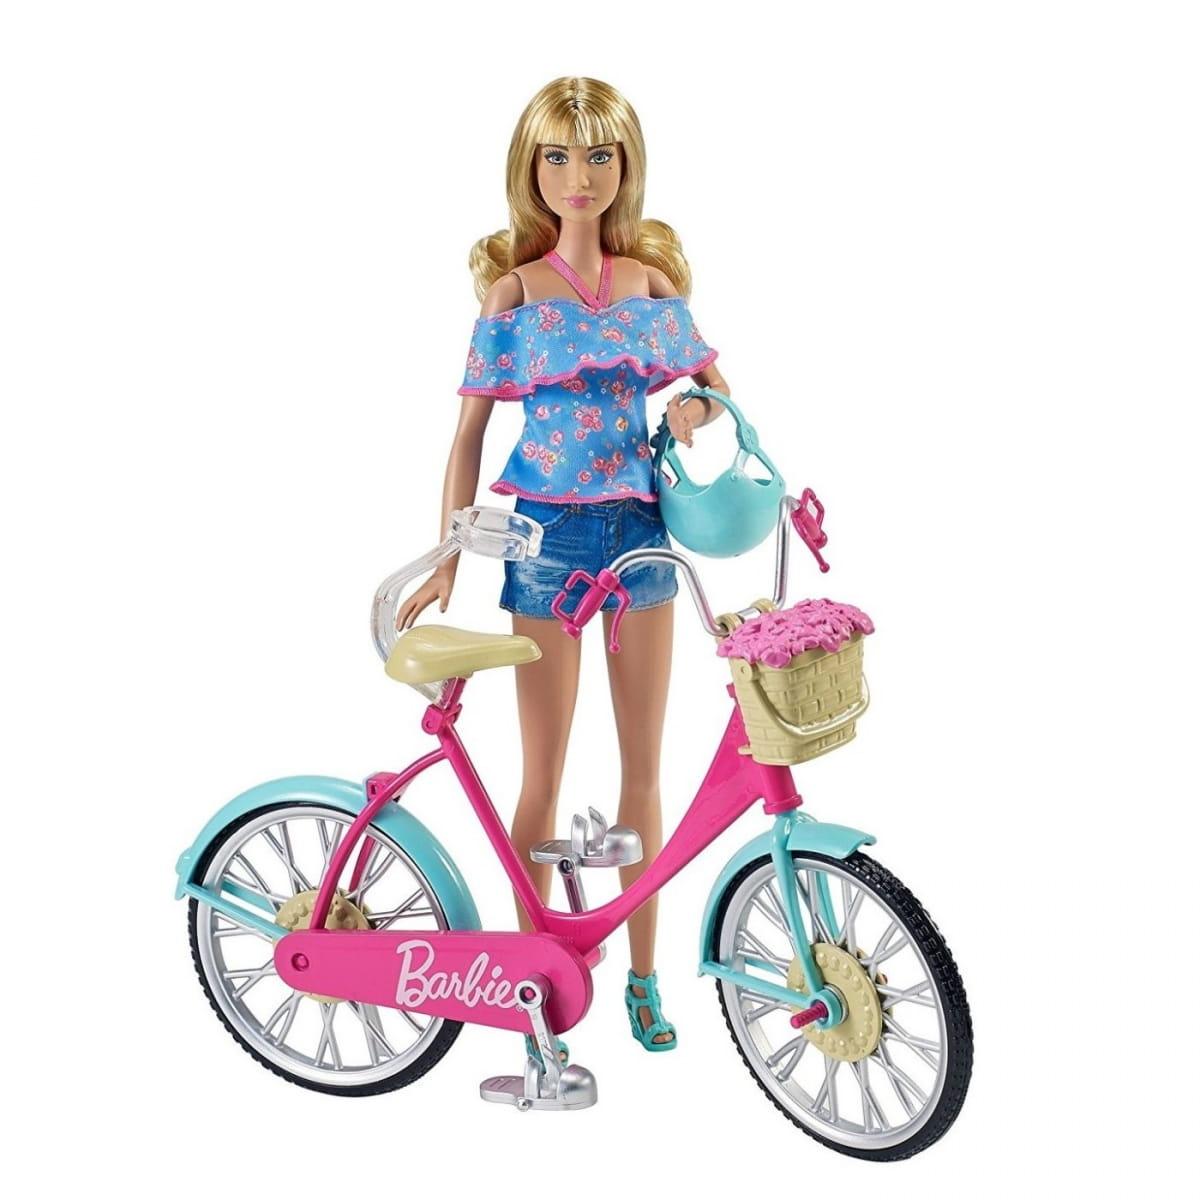 Игровой набор Barbie DVX55 Барби Велосипед (Mattel)